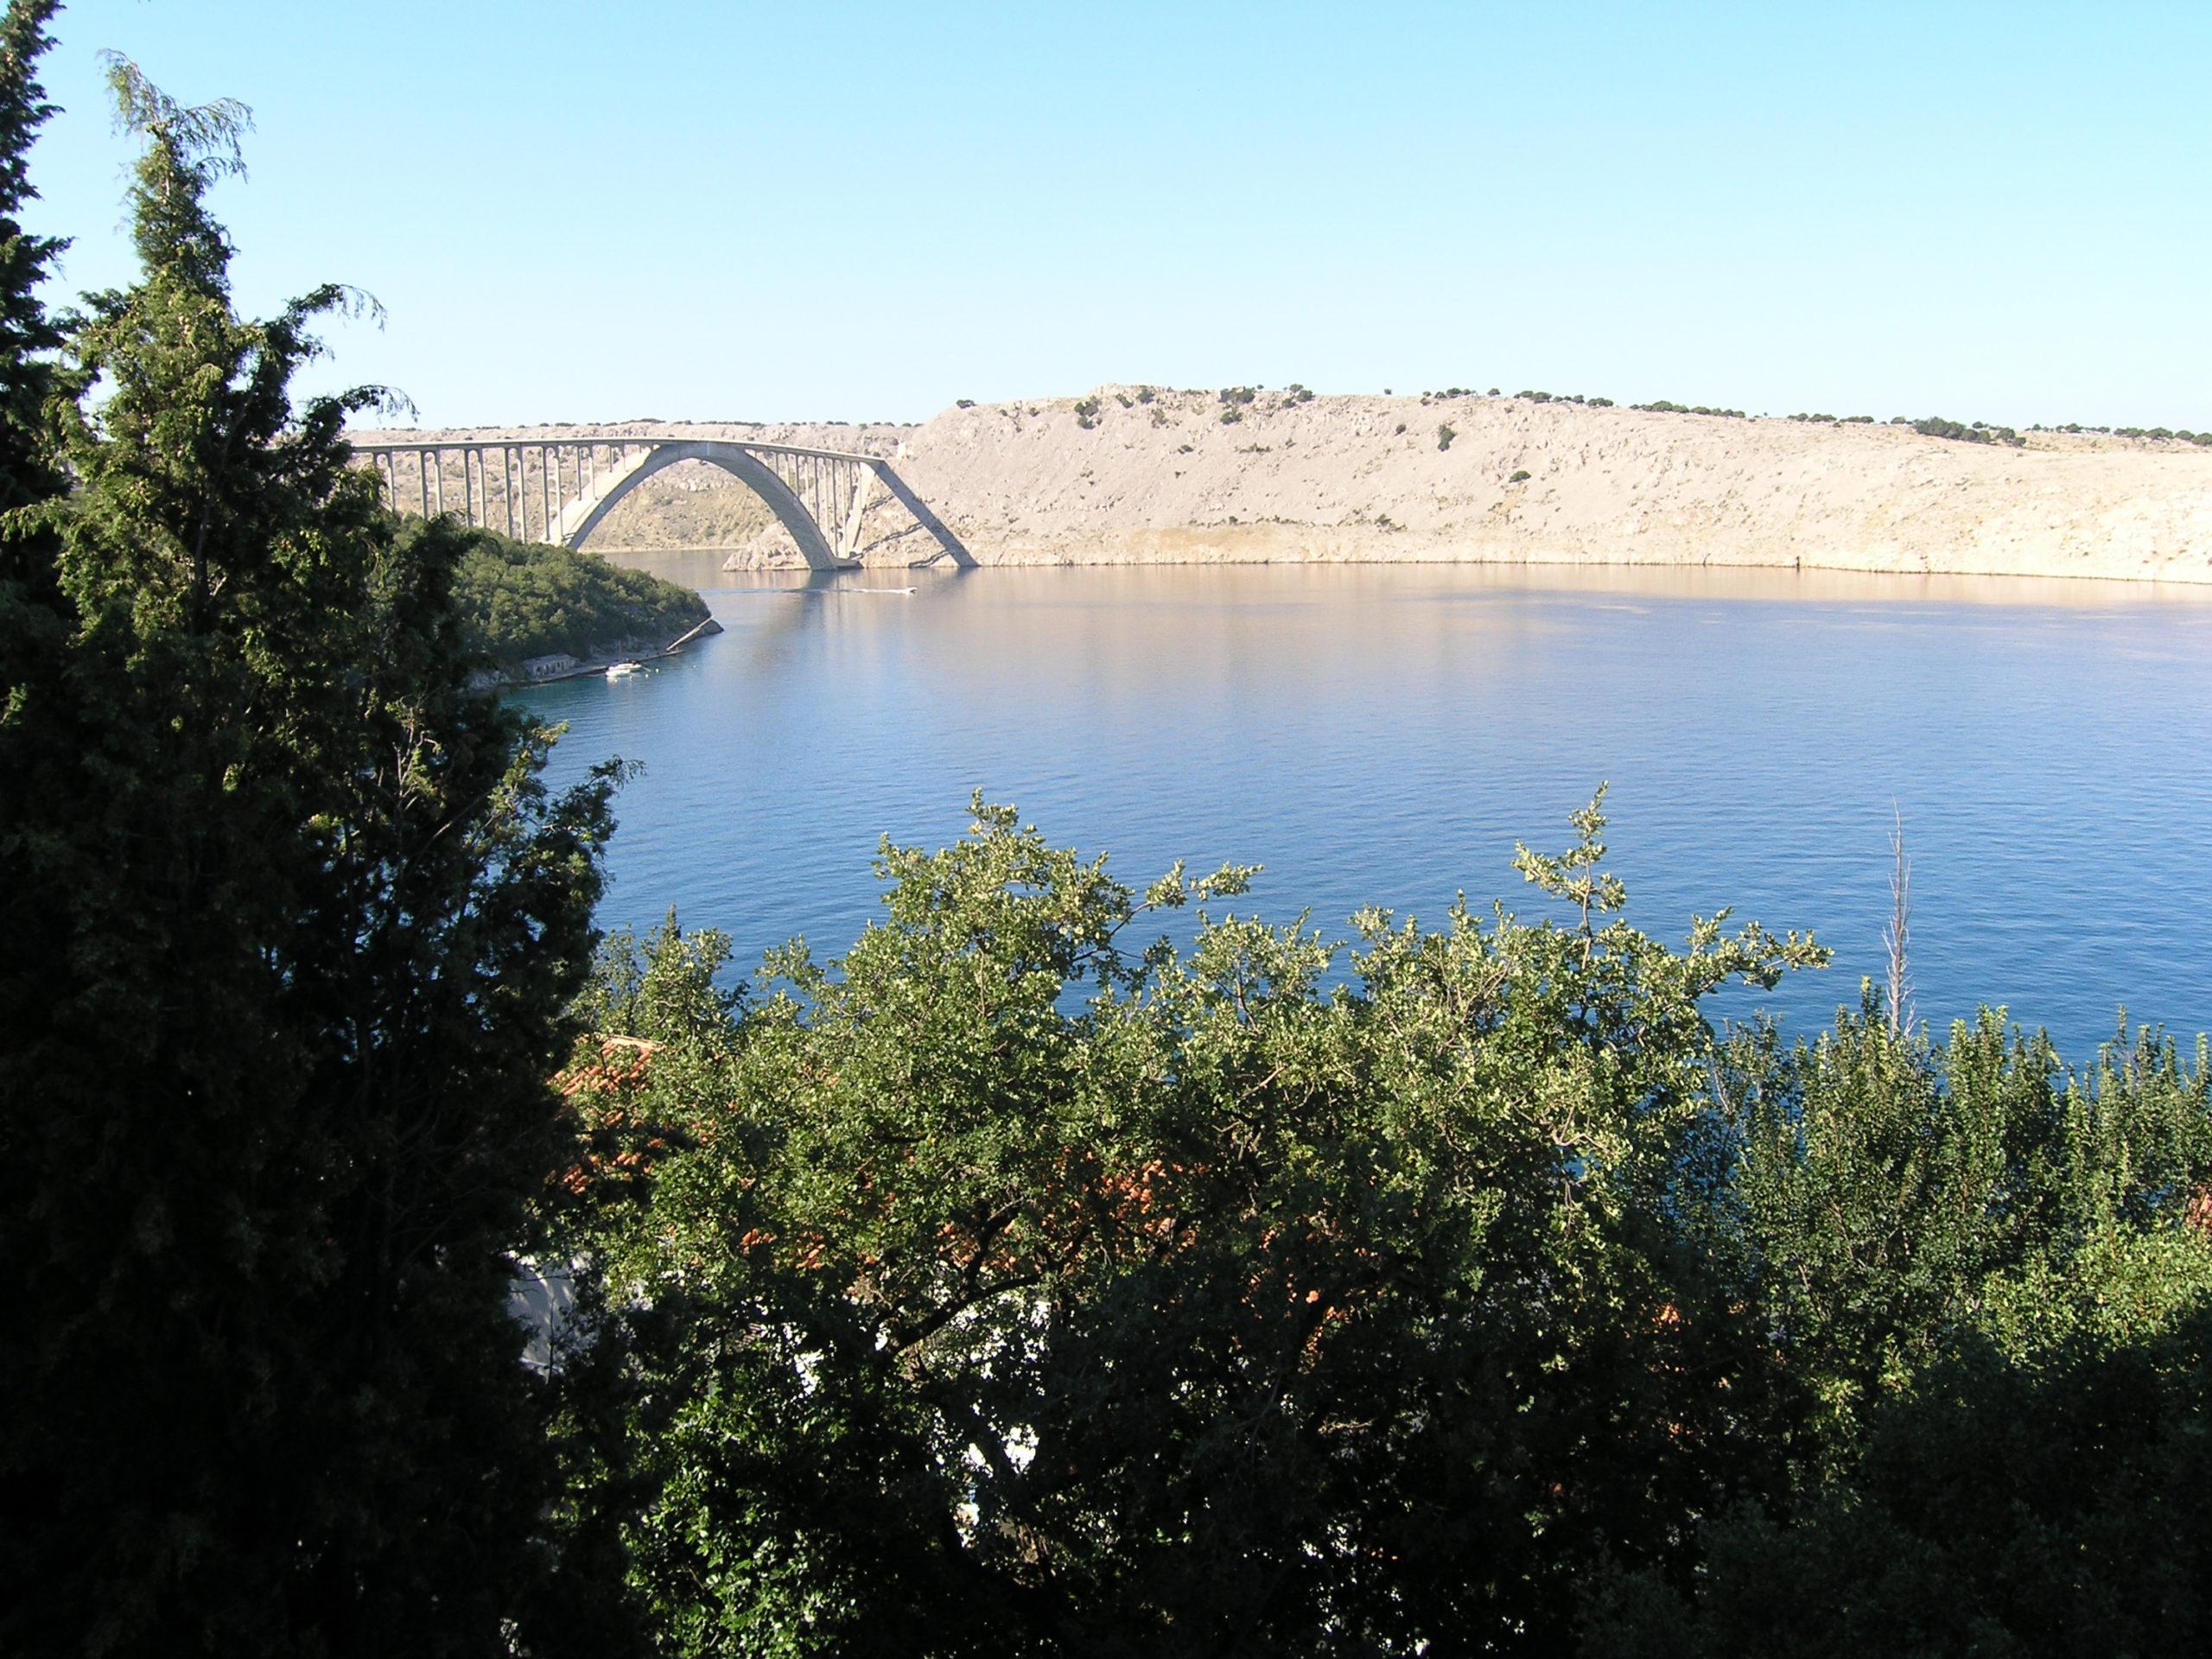 Widok na most i wodę